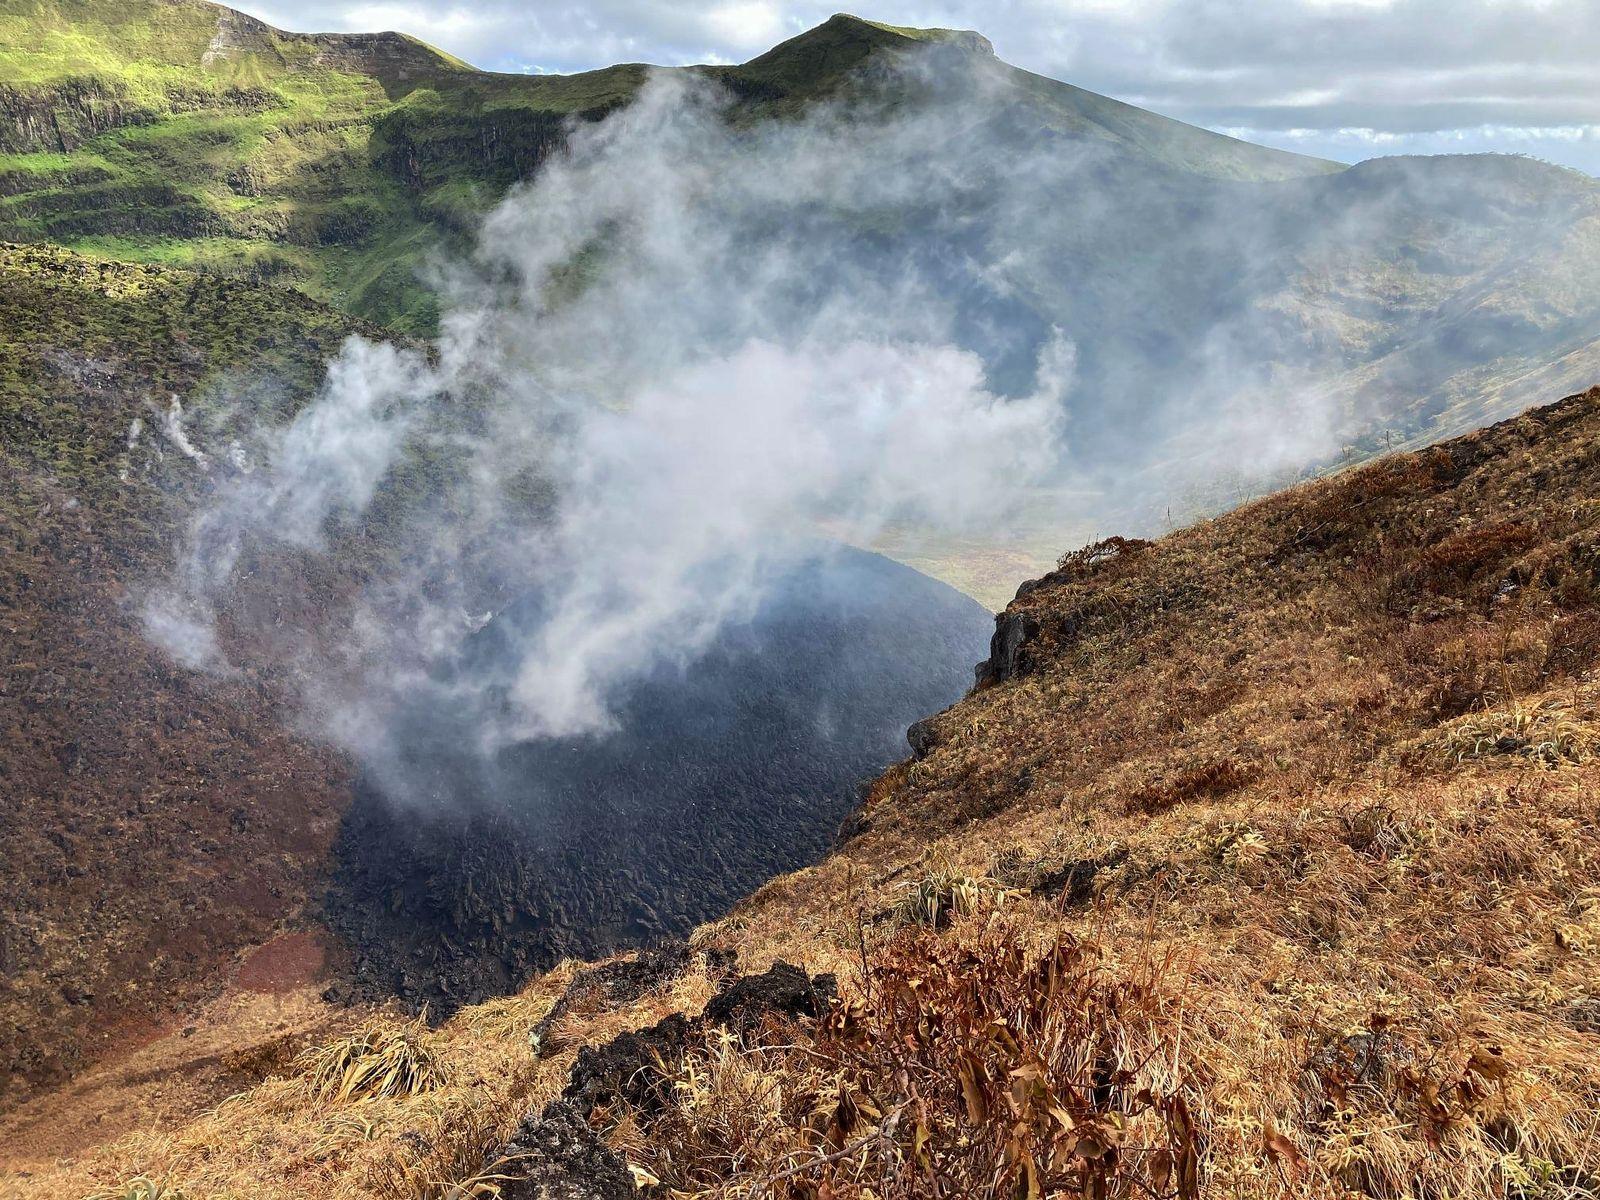 Soufrière  de St Vincent - le dégazage du dôme pourrait causer de fortes odeurs de soufre - reconnaissance de terrain UWI -SRC / 05.01.2021